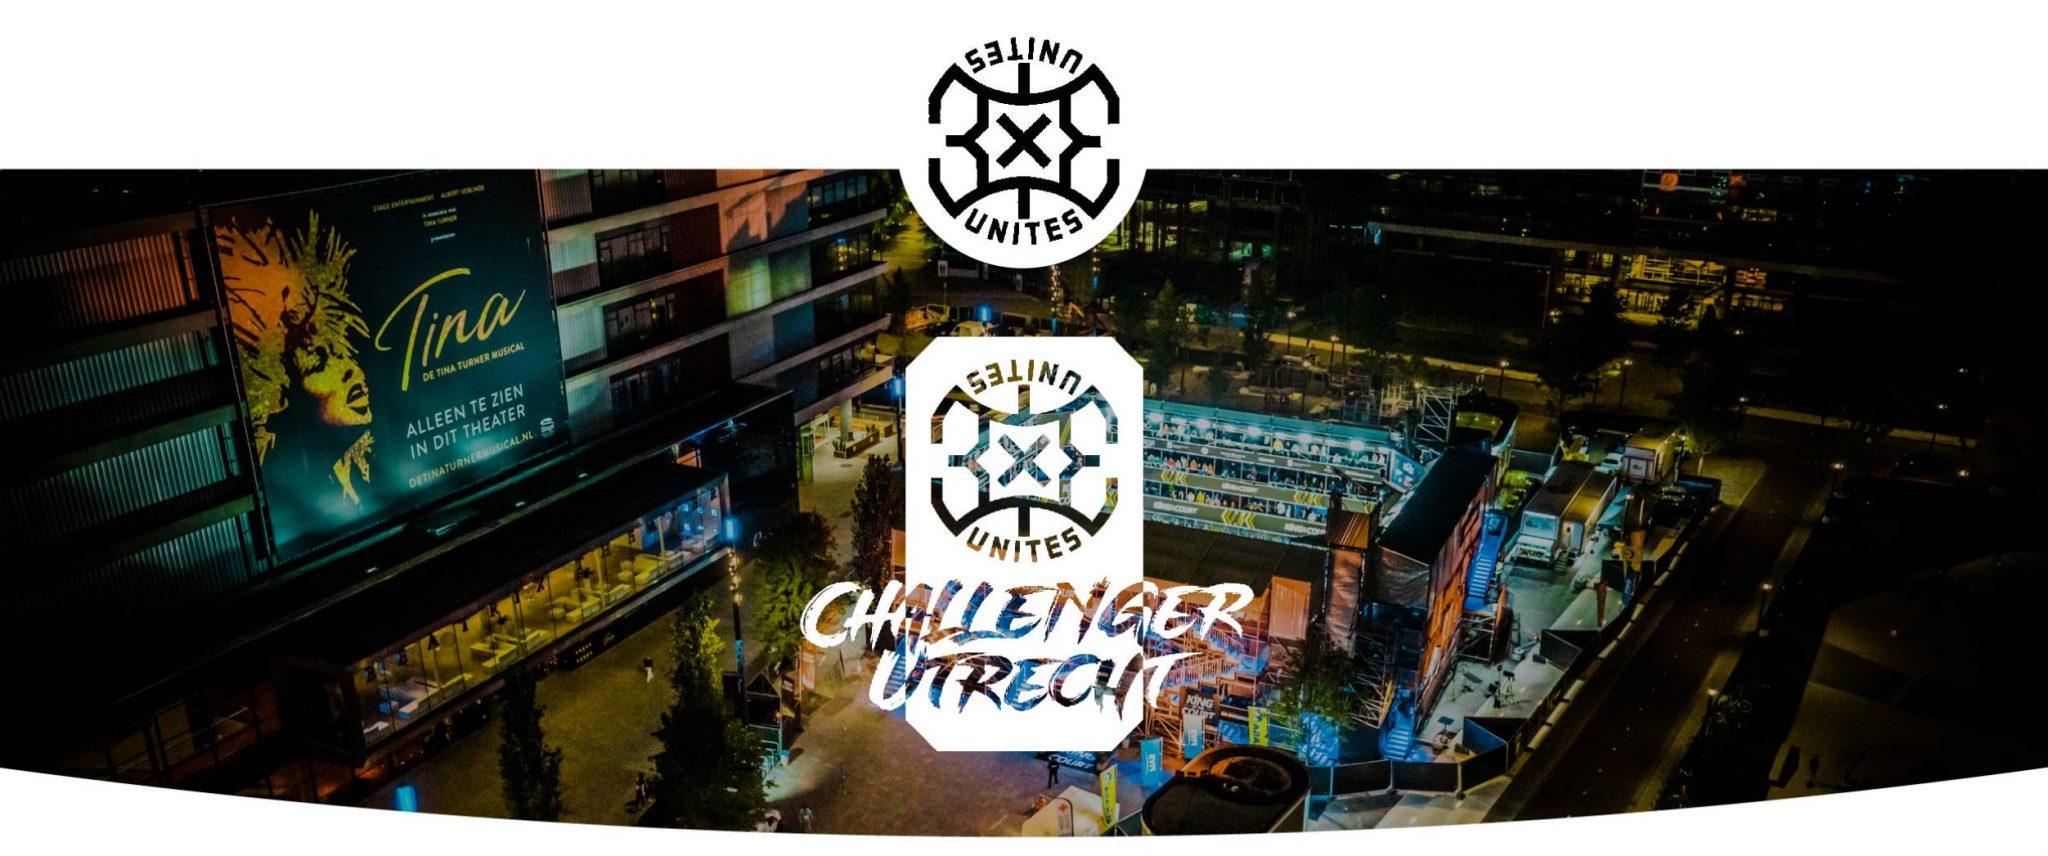 Met 20% korting naar 3x3 Unites Challenger Utrecht 2021